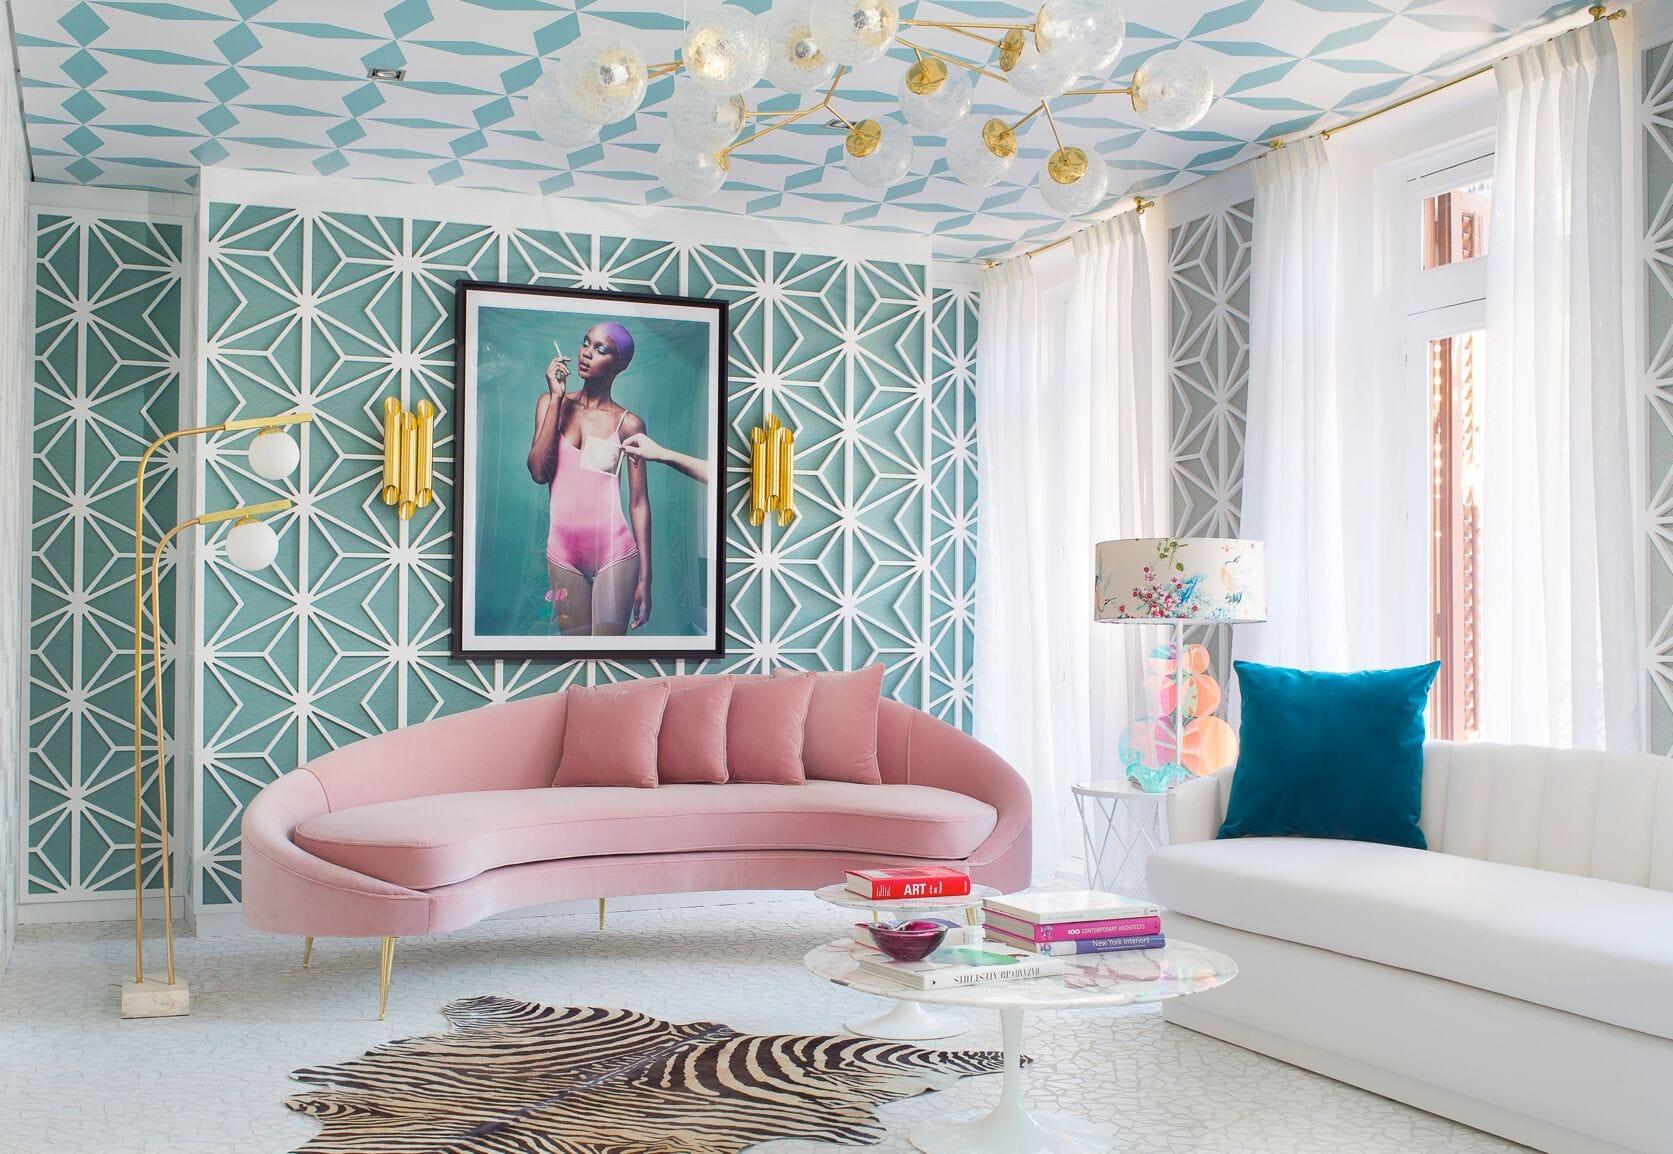 Casa decor nuevas tendencias de decoraci n en tucan store - Nuevas tendencias en decoracion ...